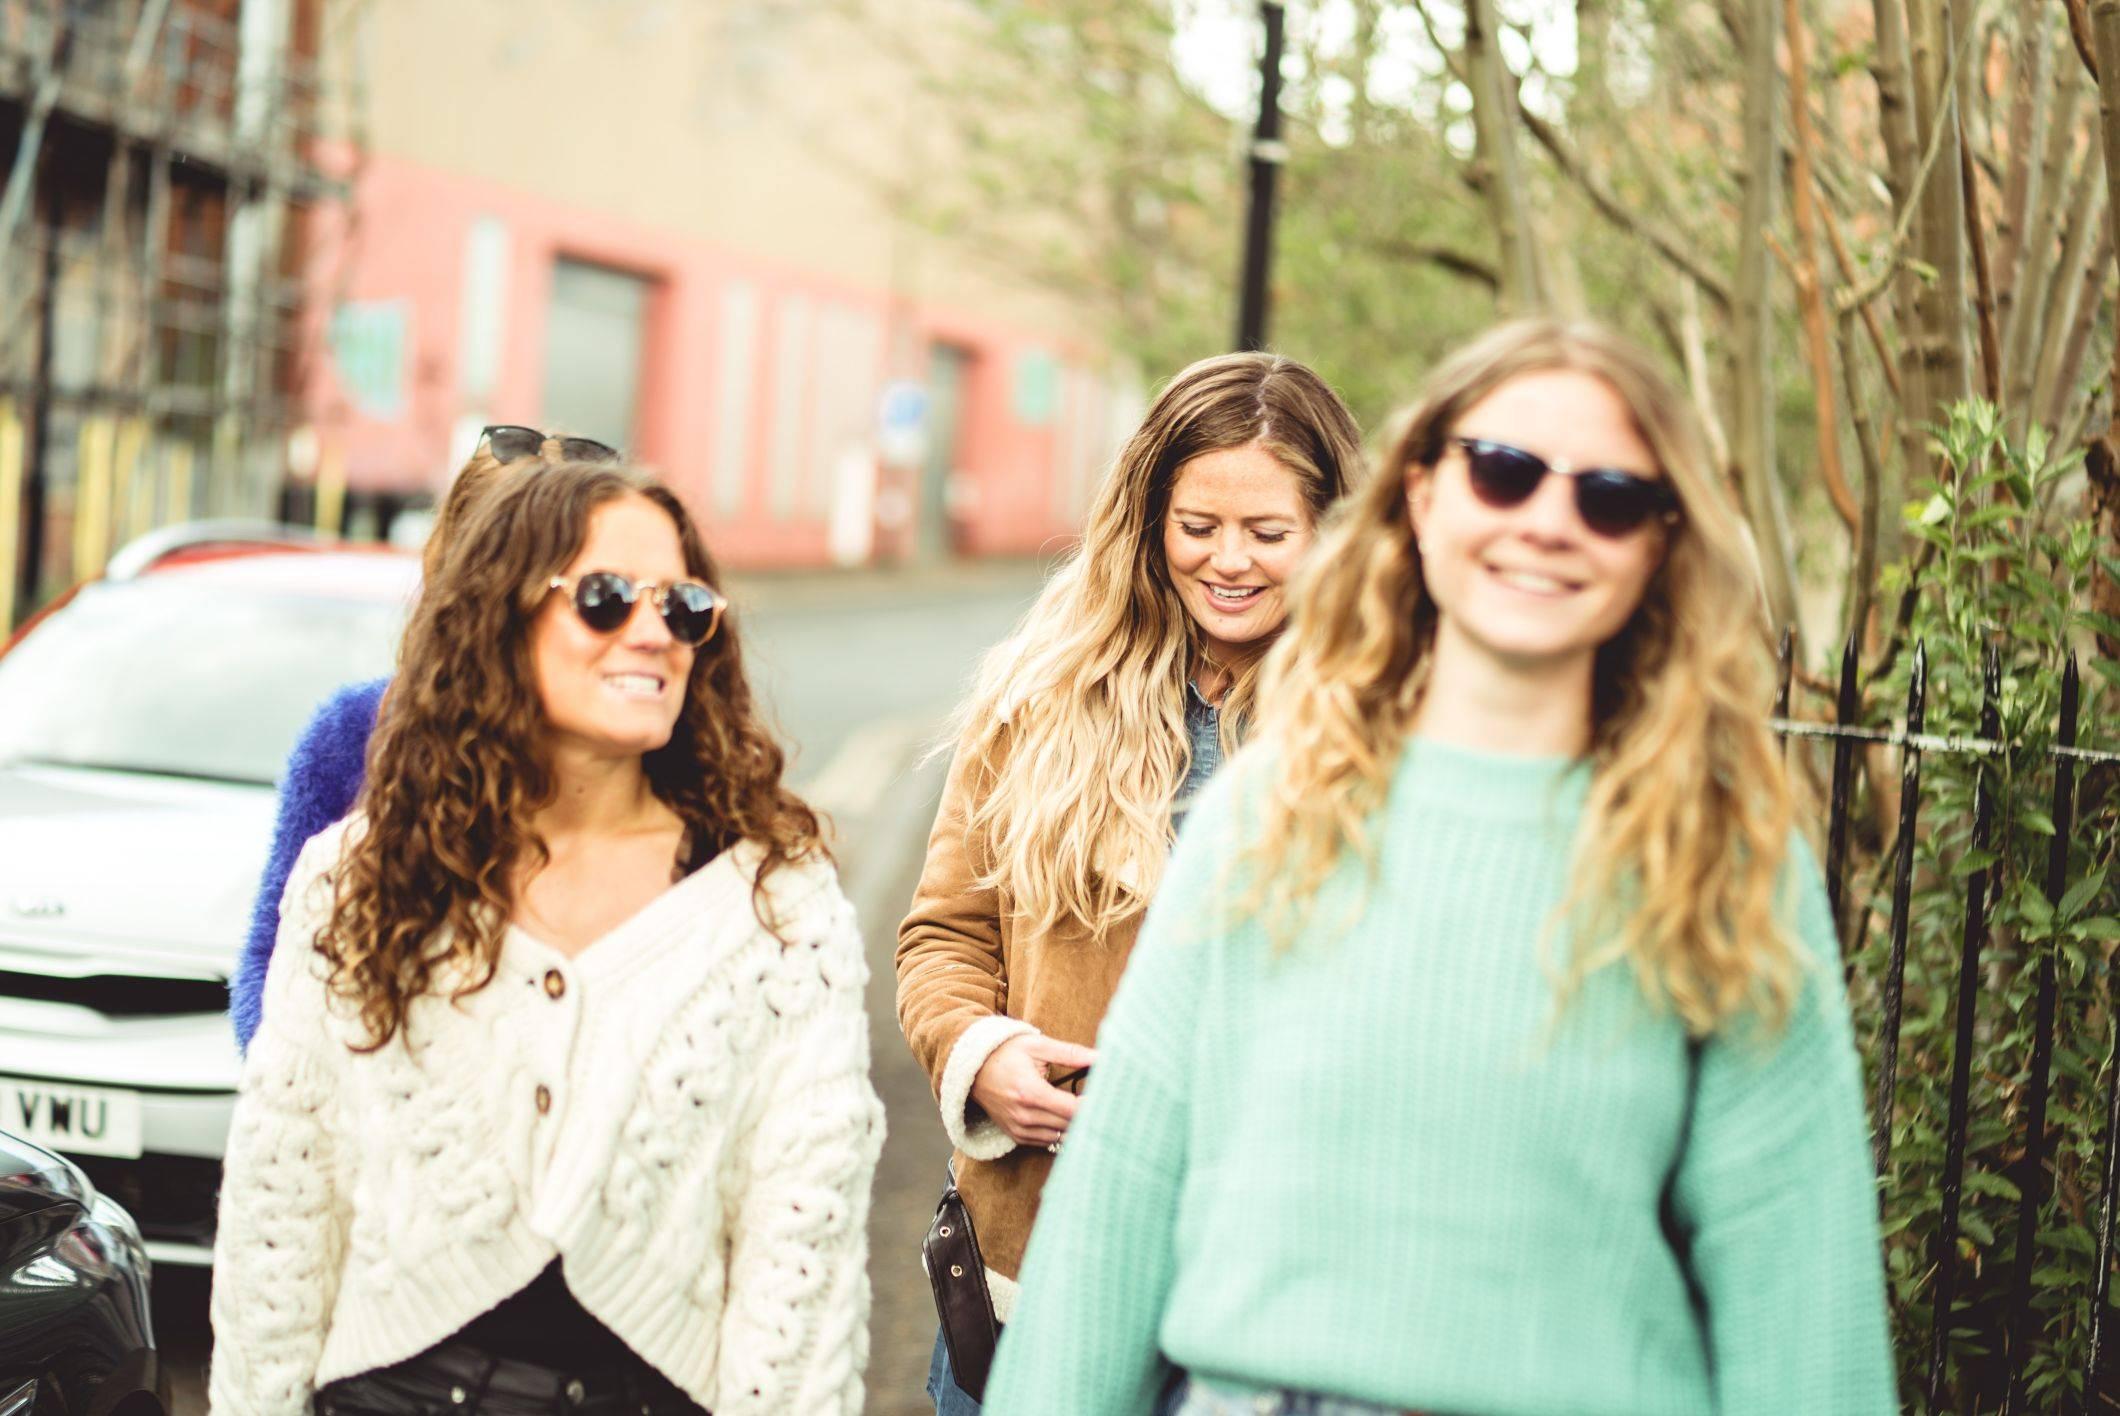 Image of girls walking down street